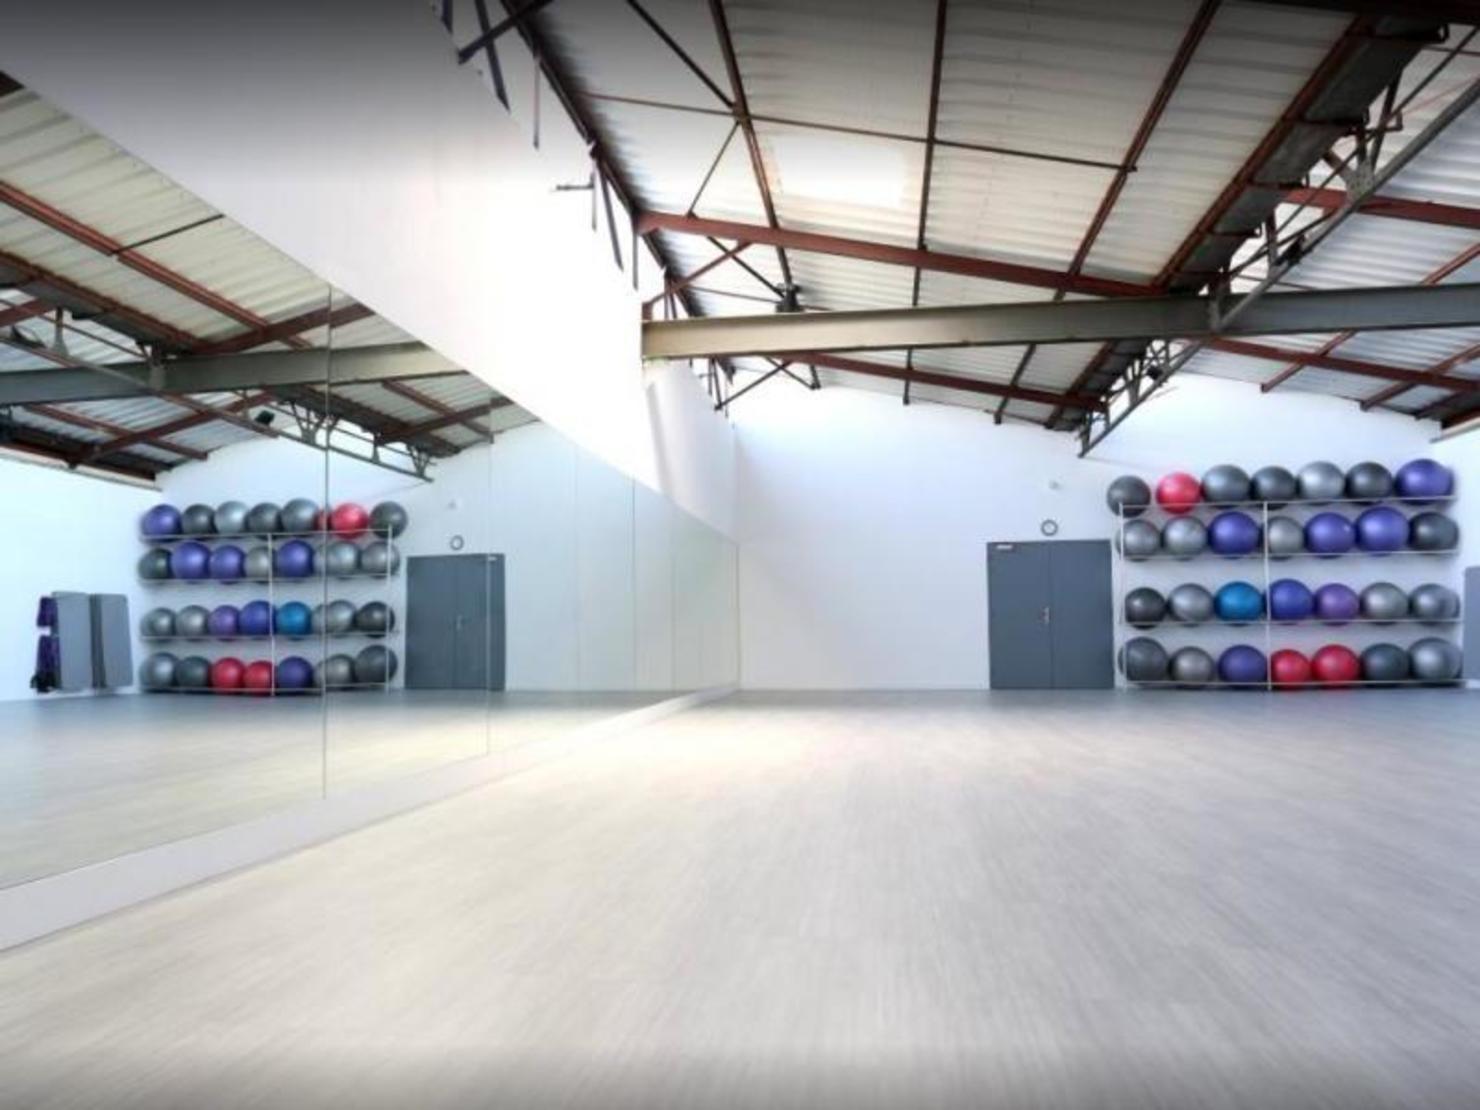 Salle de sport caluire 28 images salle de sport mantes for Caluire piscine horaires